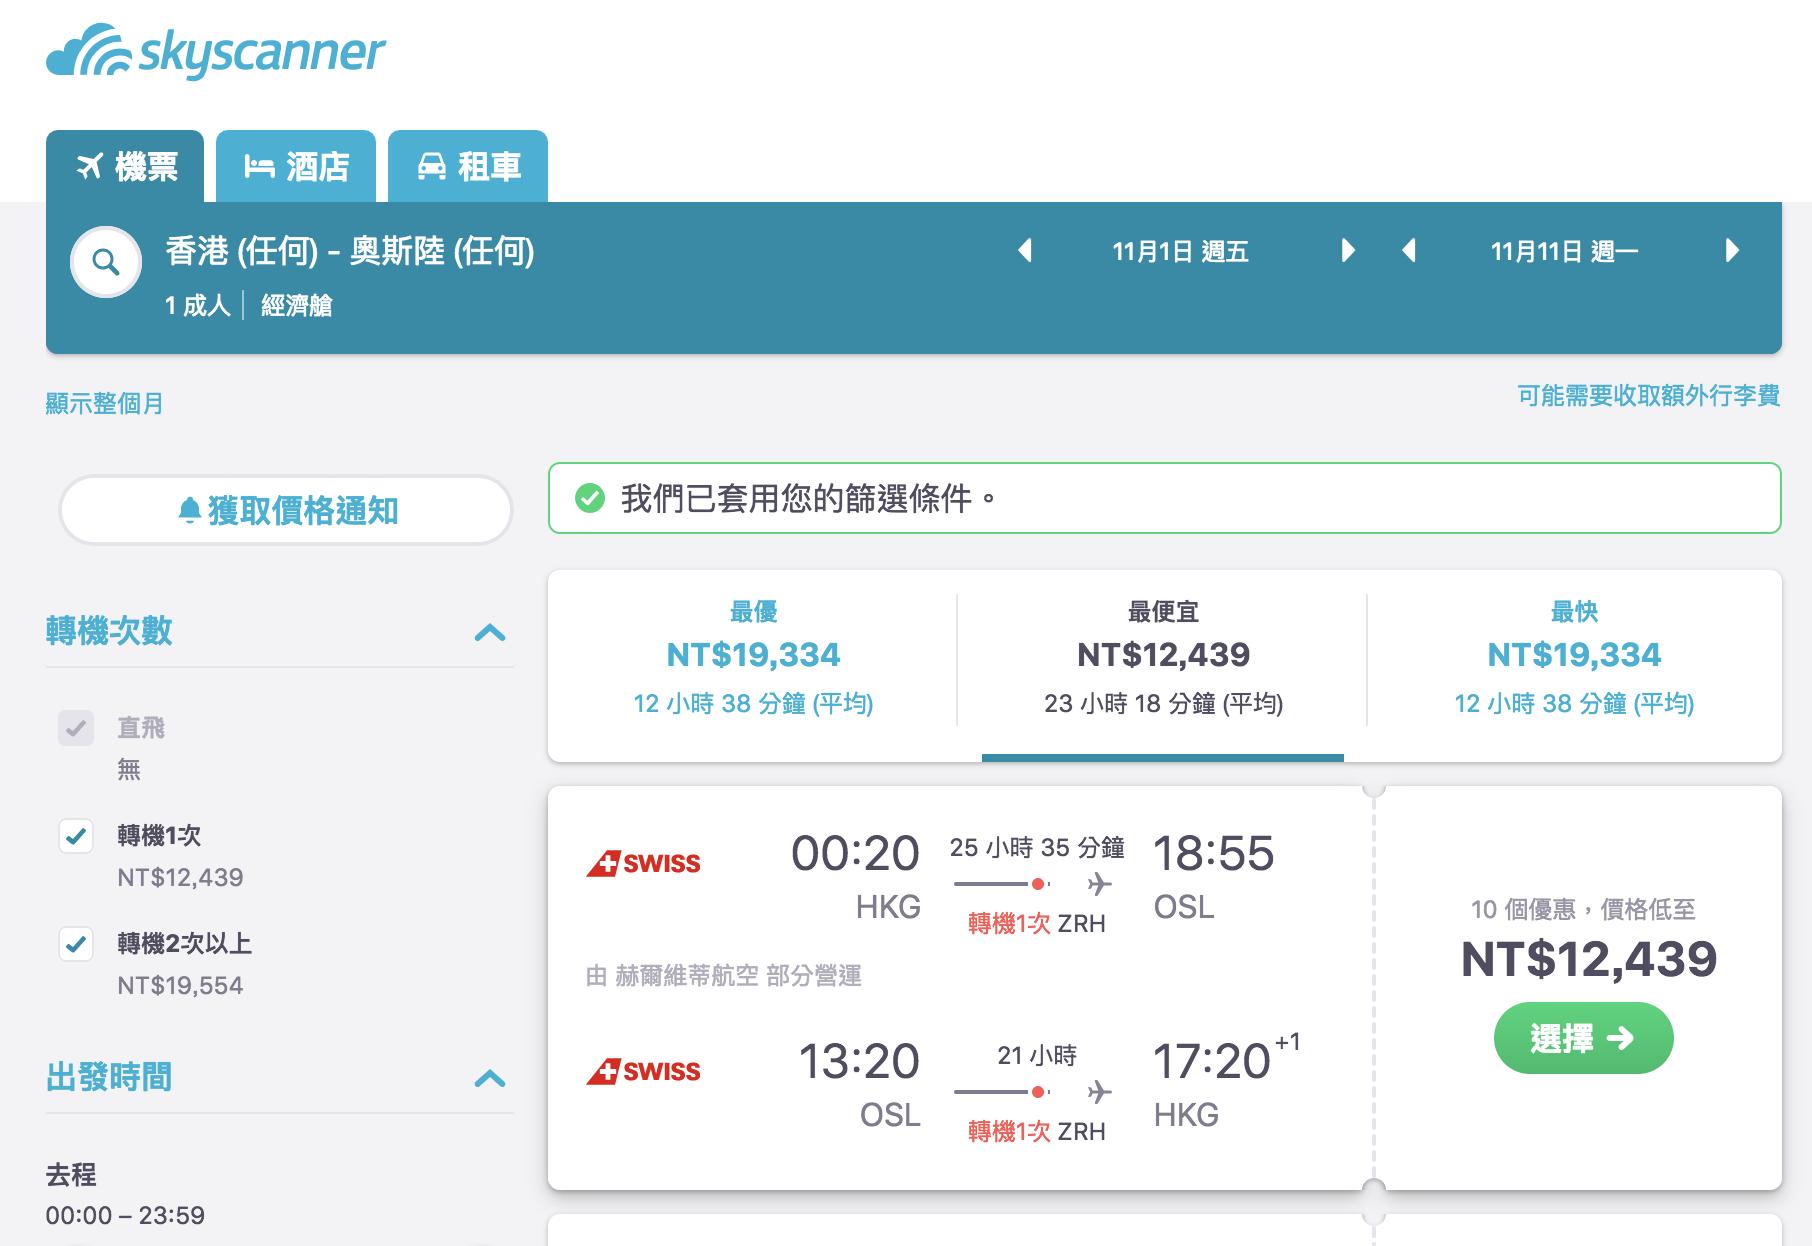 整個香港都瘋狂,外站出發歐洲超低價票價,避開七月都有票,最低11K起~(查票:108.2.2)